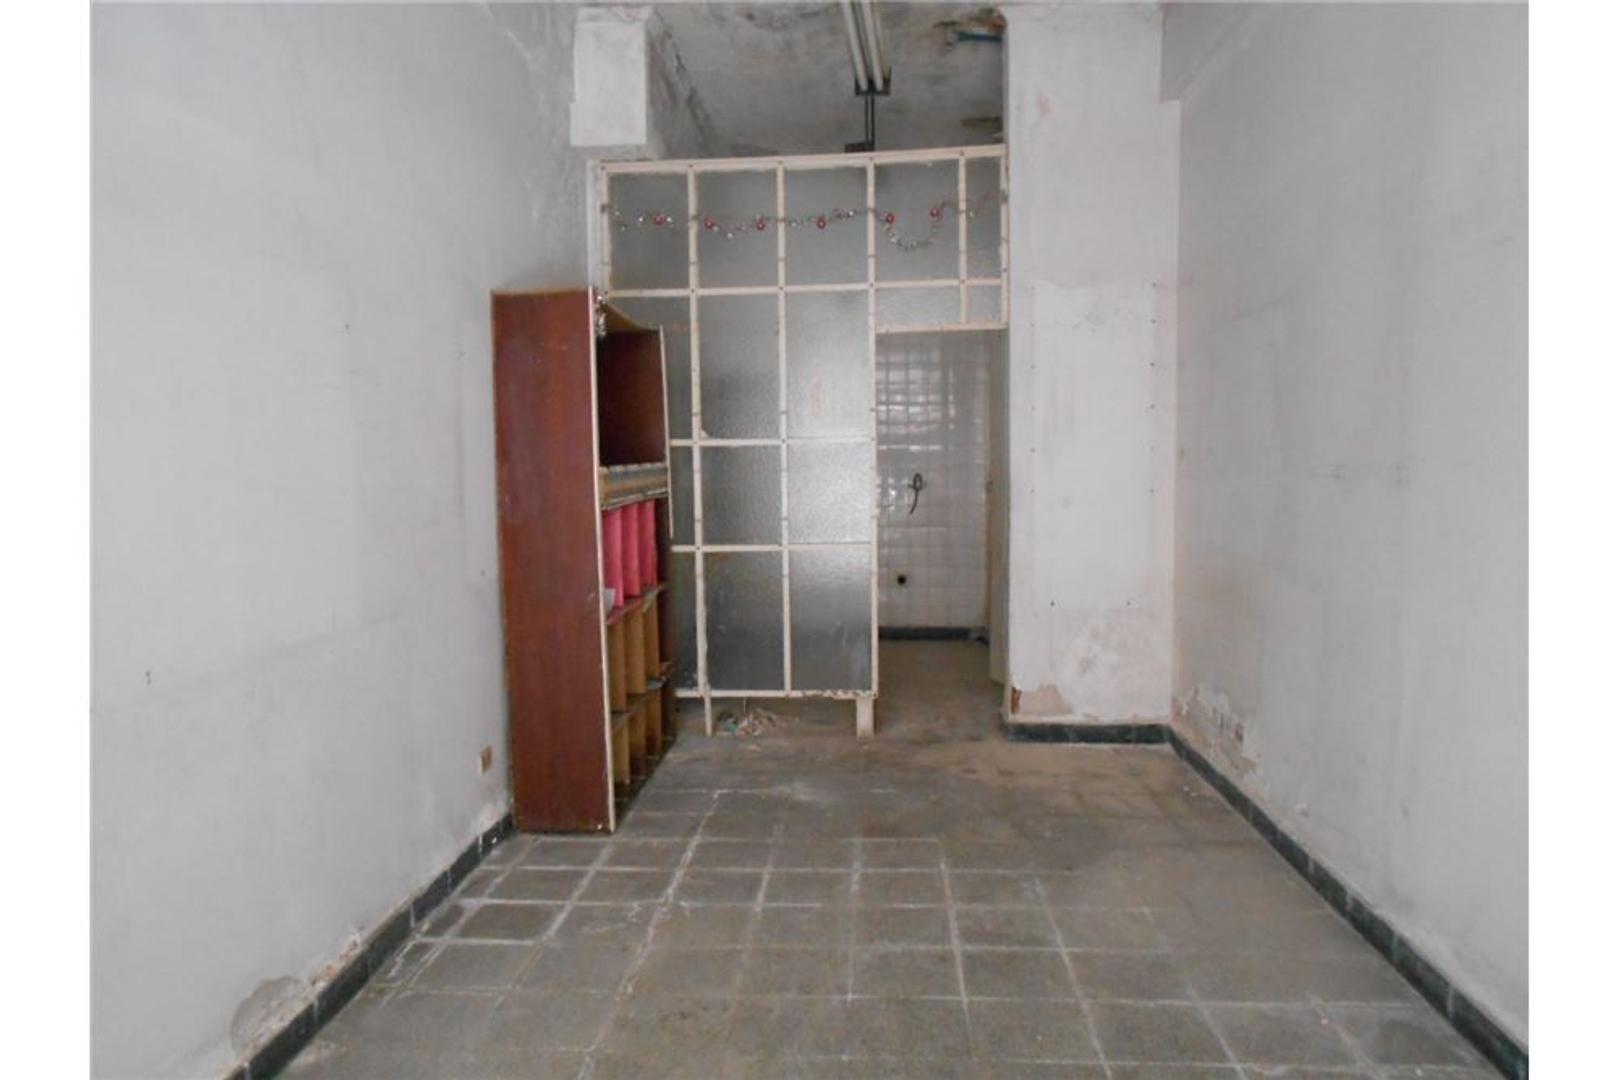 Local Alquiler 27 m2, Lamadrid casi Av. Colon